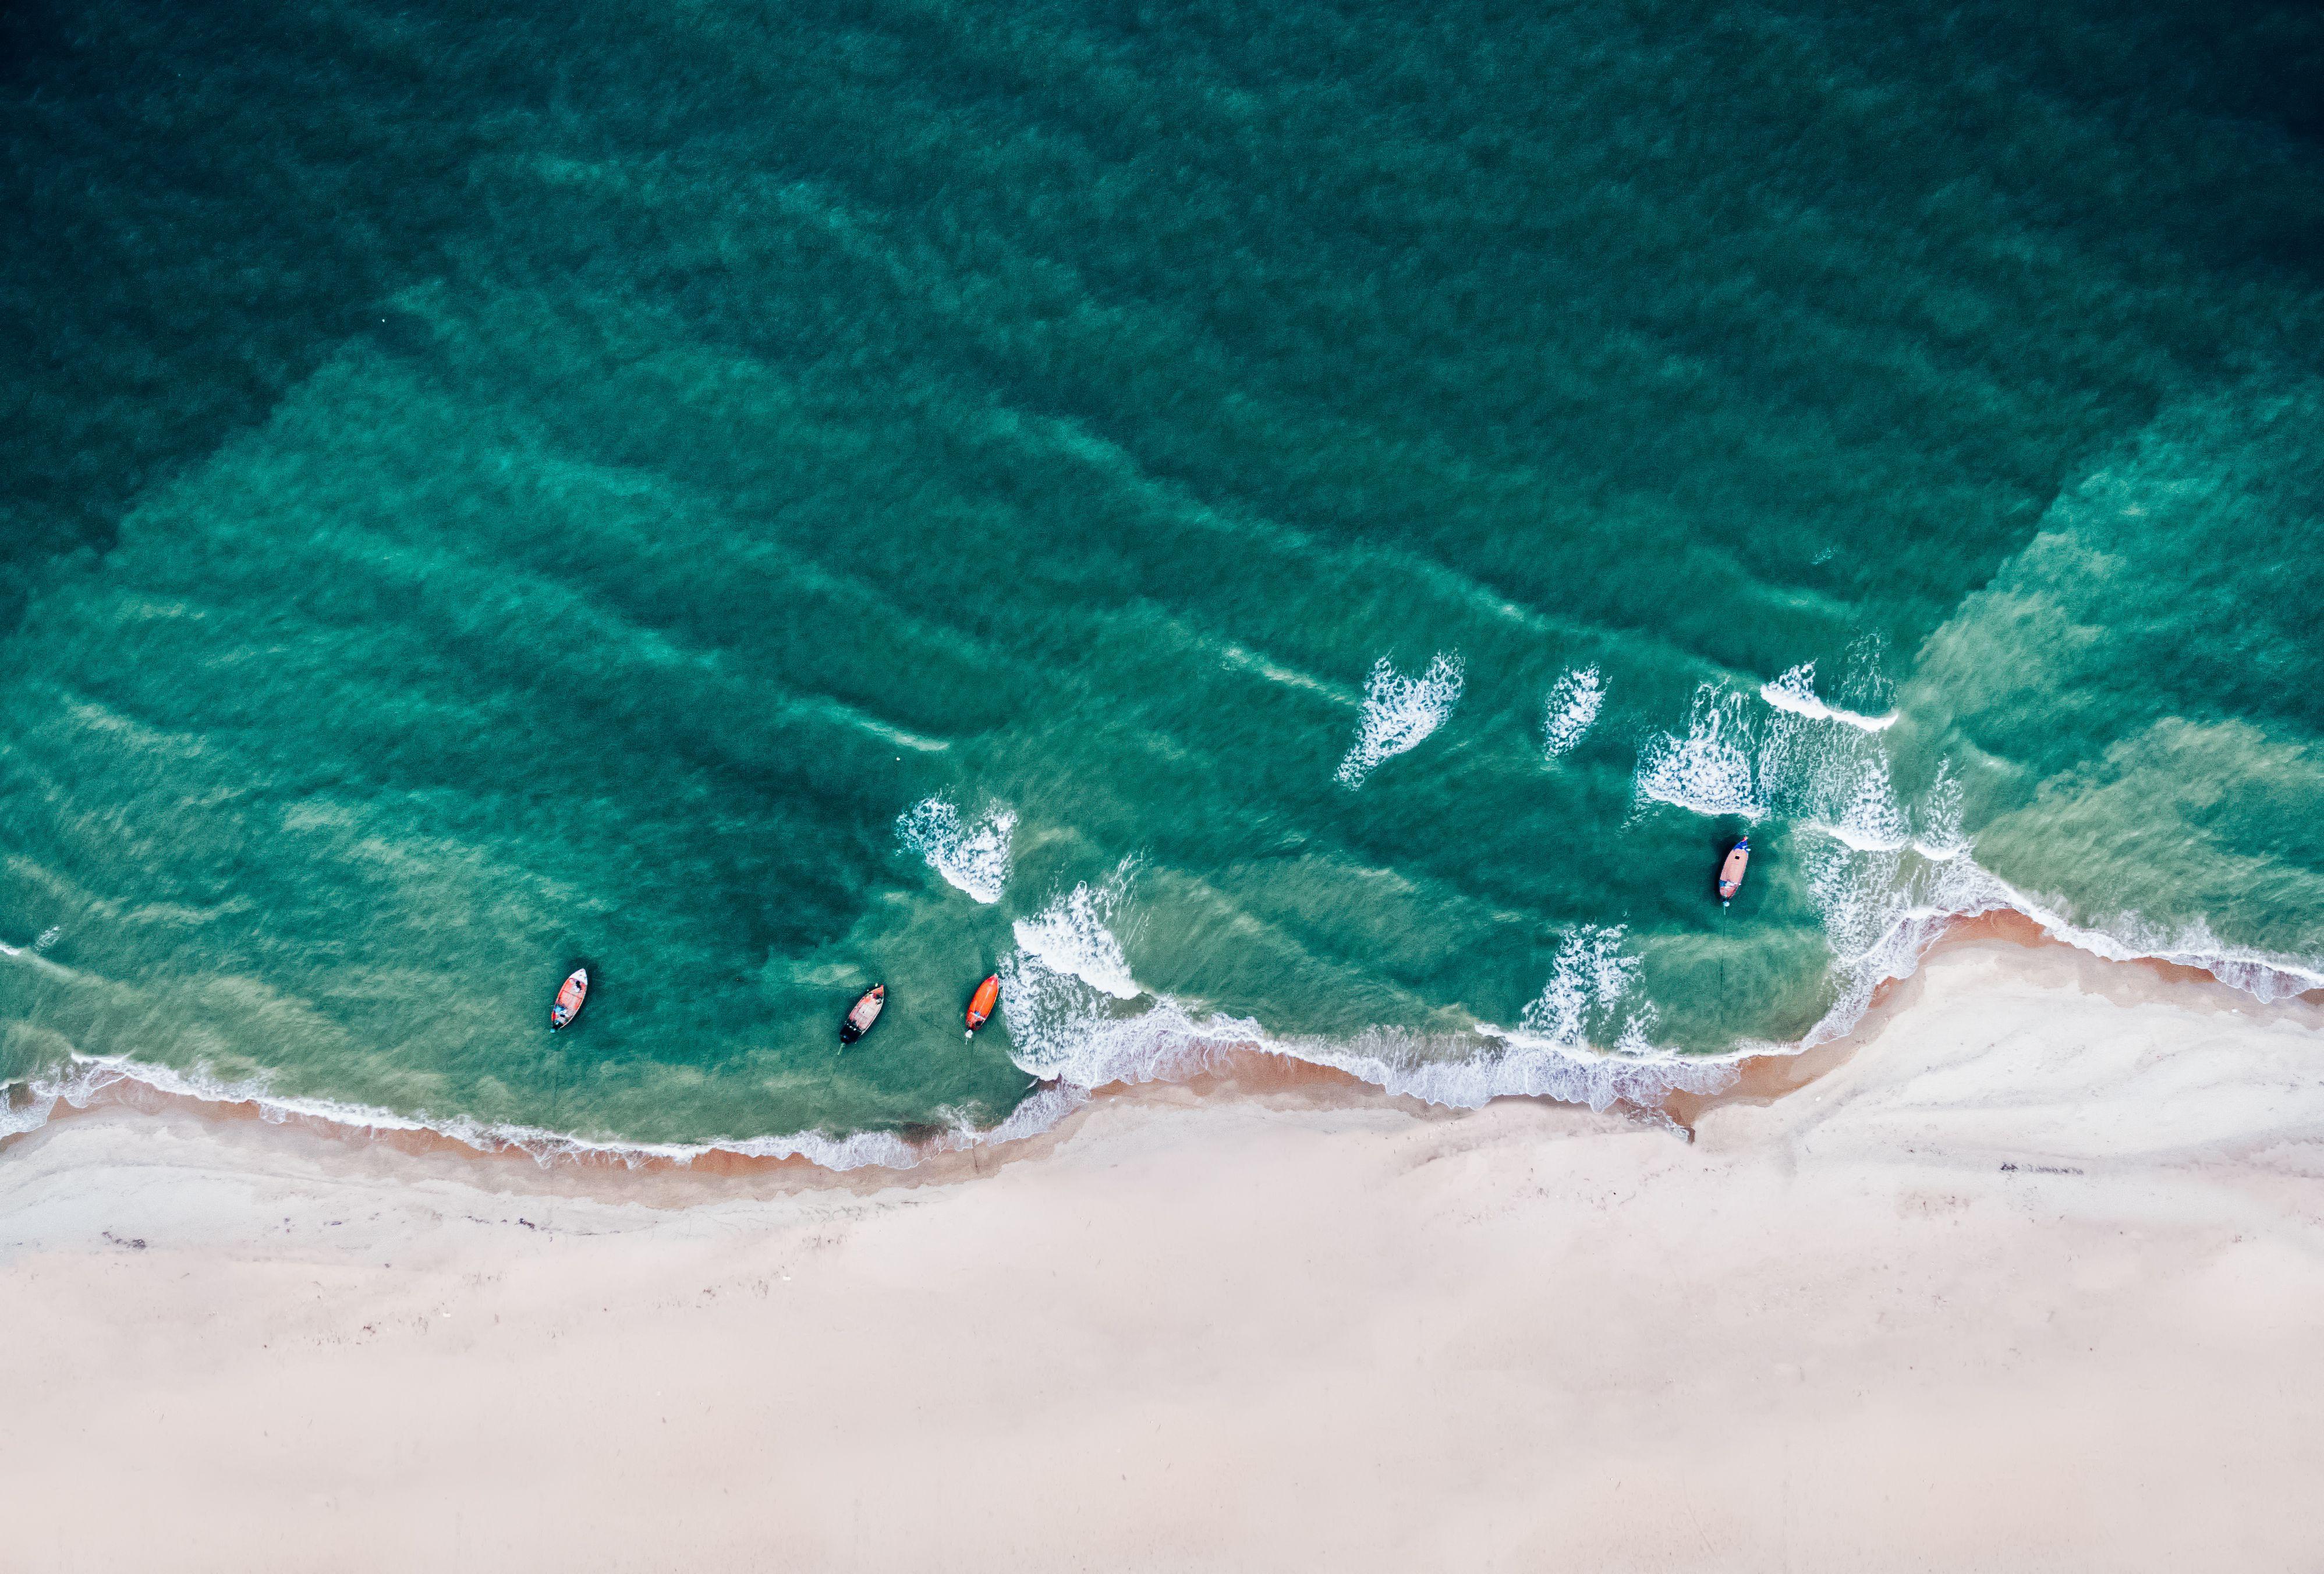 aerial view of Cha-am beach in Thailand